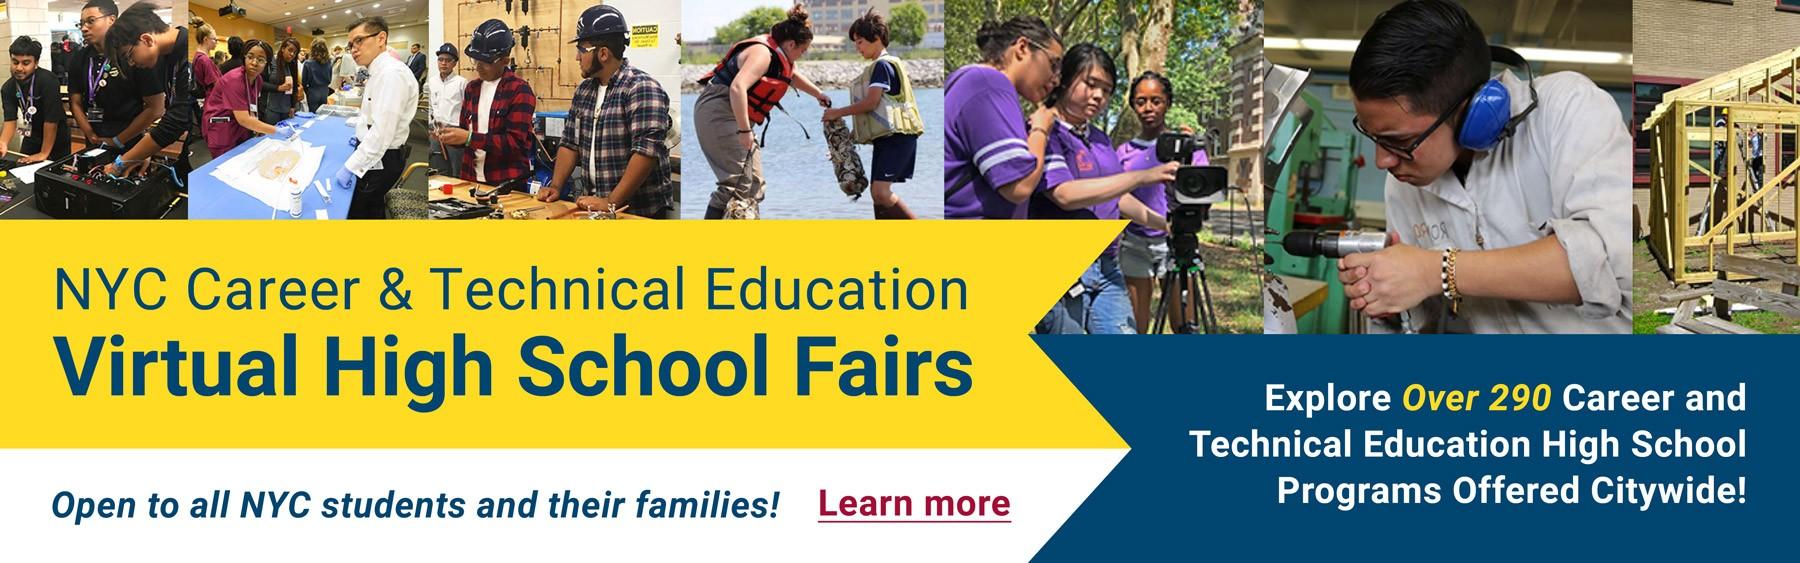 CTE Virtual High School Fairs